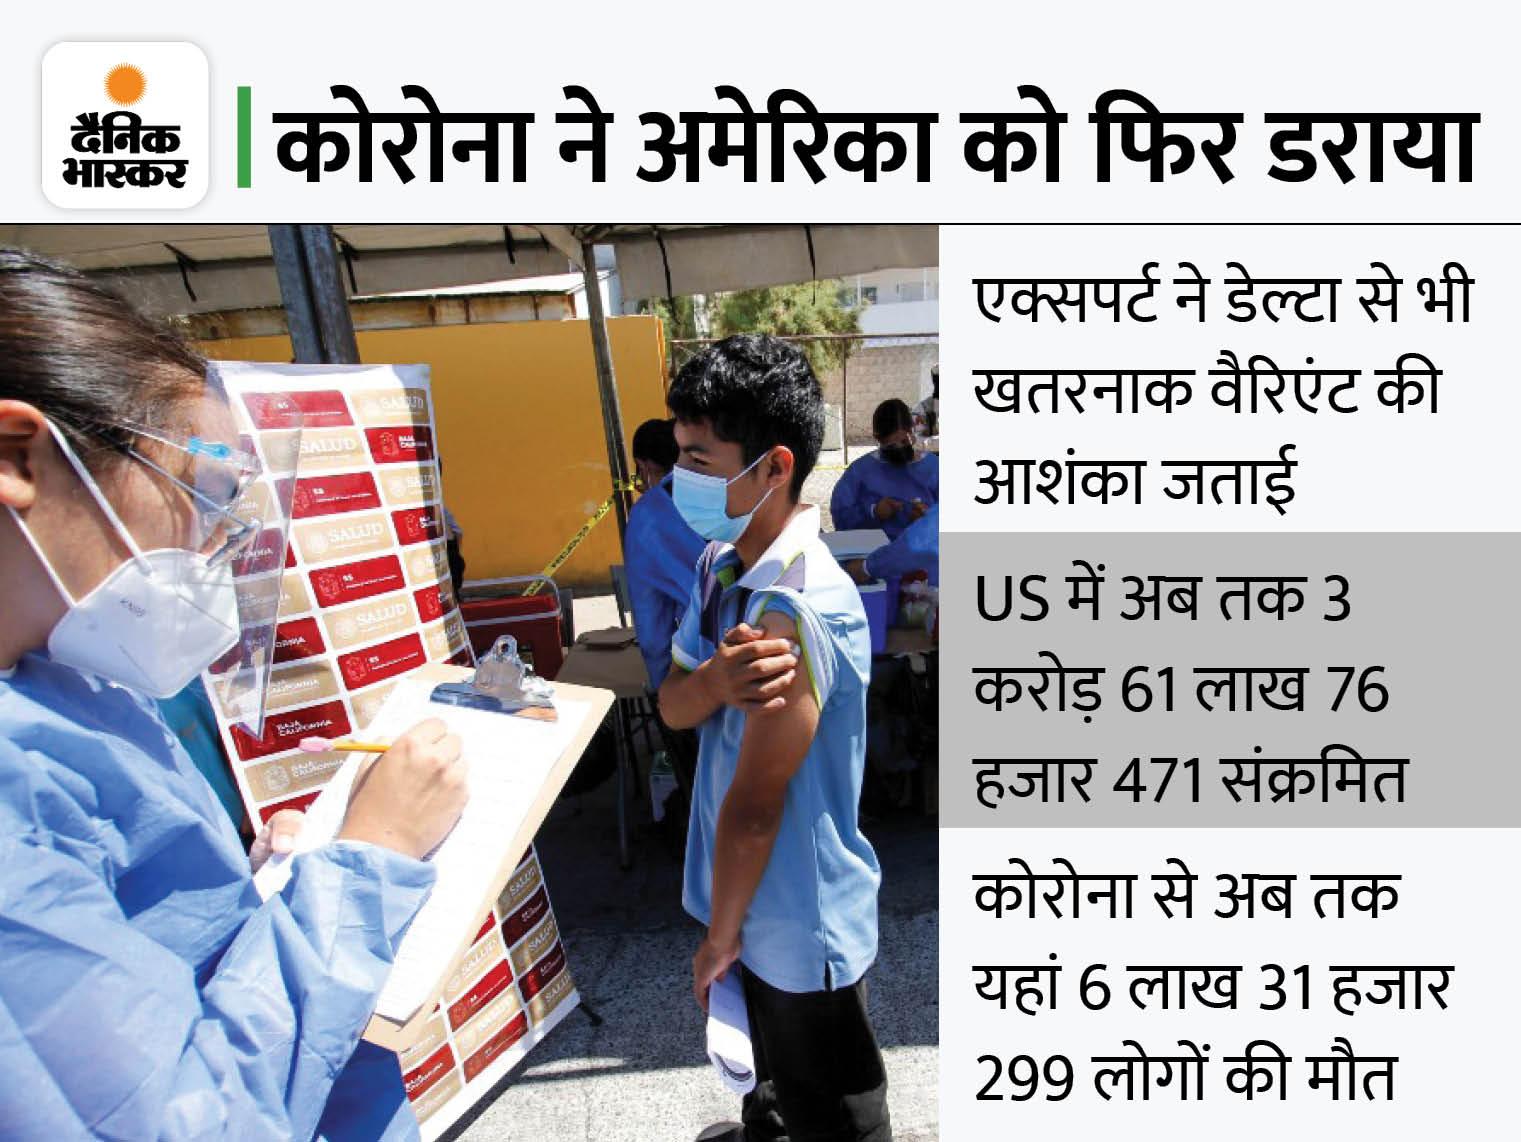 महामारी एक्सपर्ट डॉ. फौसी की चेतावनी- डेल्टा से भी घातक वैरिएंट आने की आशंका, दोगुने हो सकते हैं केस विदेश,International - Dainik Bhaskar